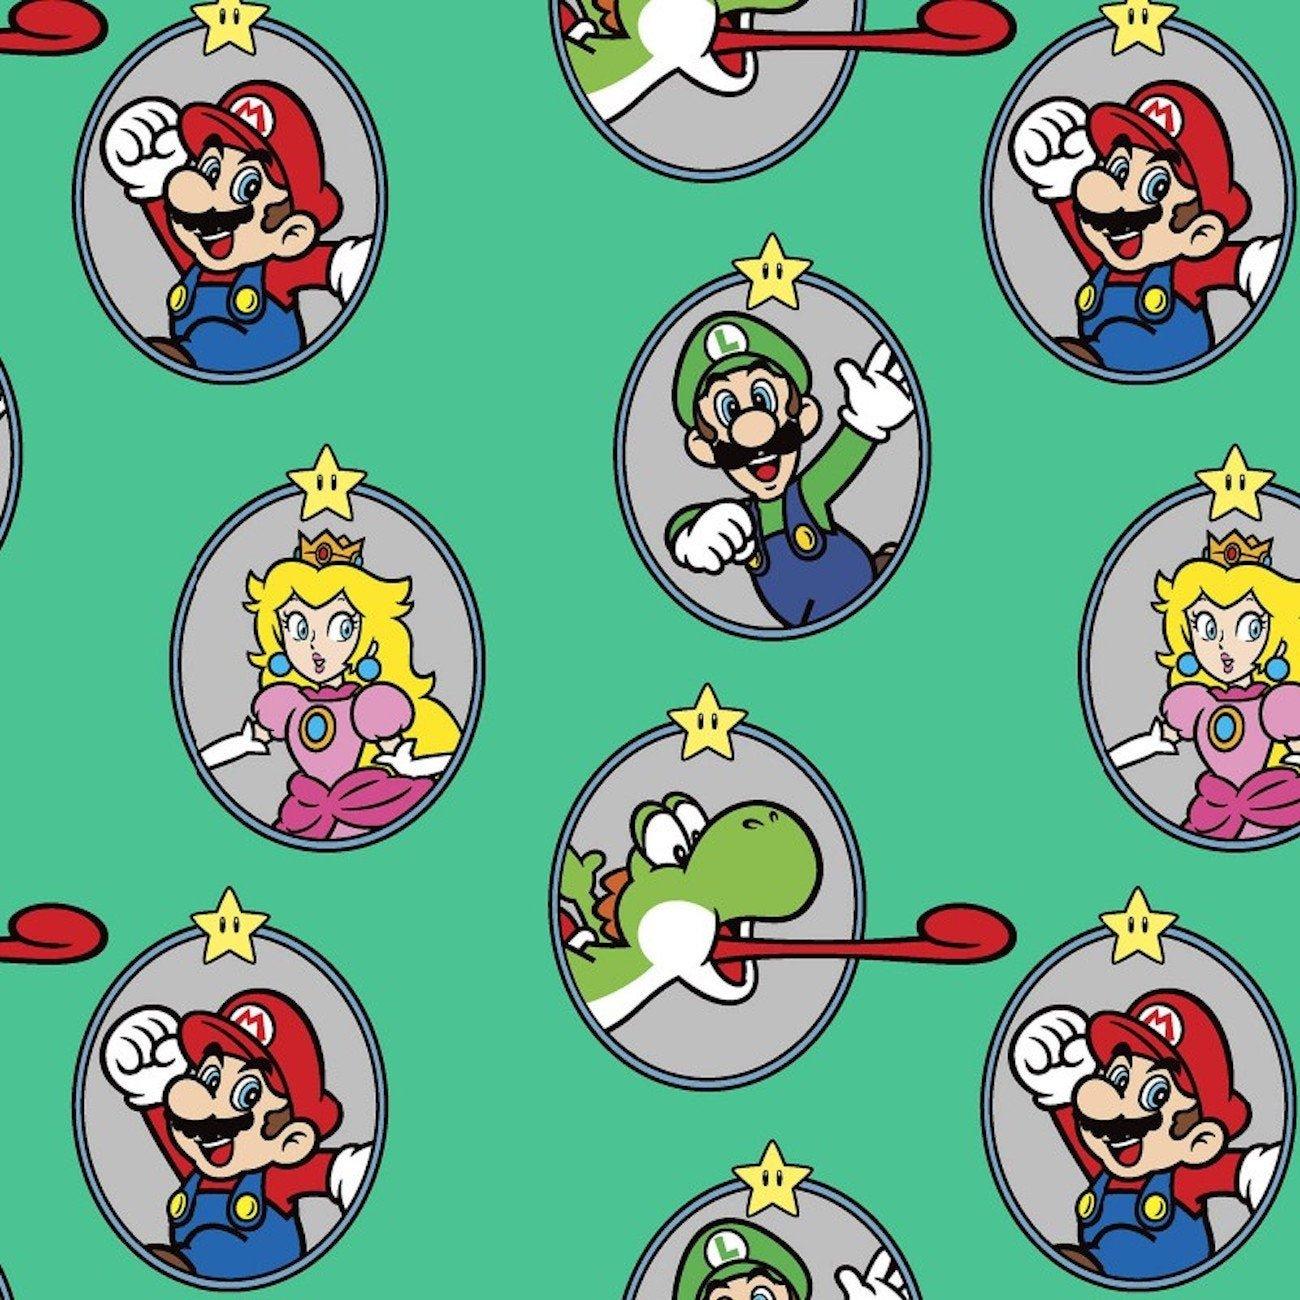 Springs Creative Nintendo's Mario - Super Mario Badge in Aquamarine